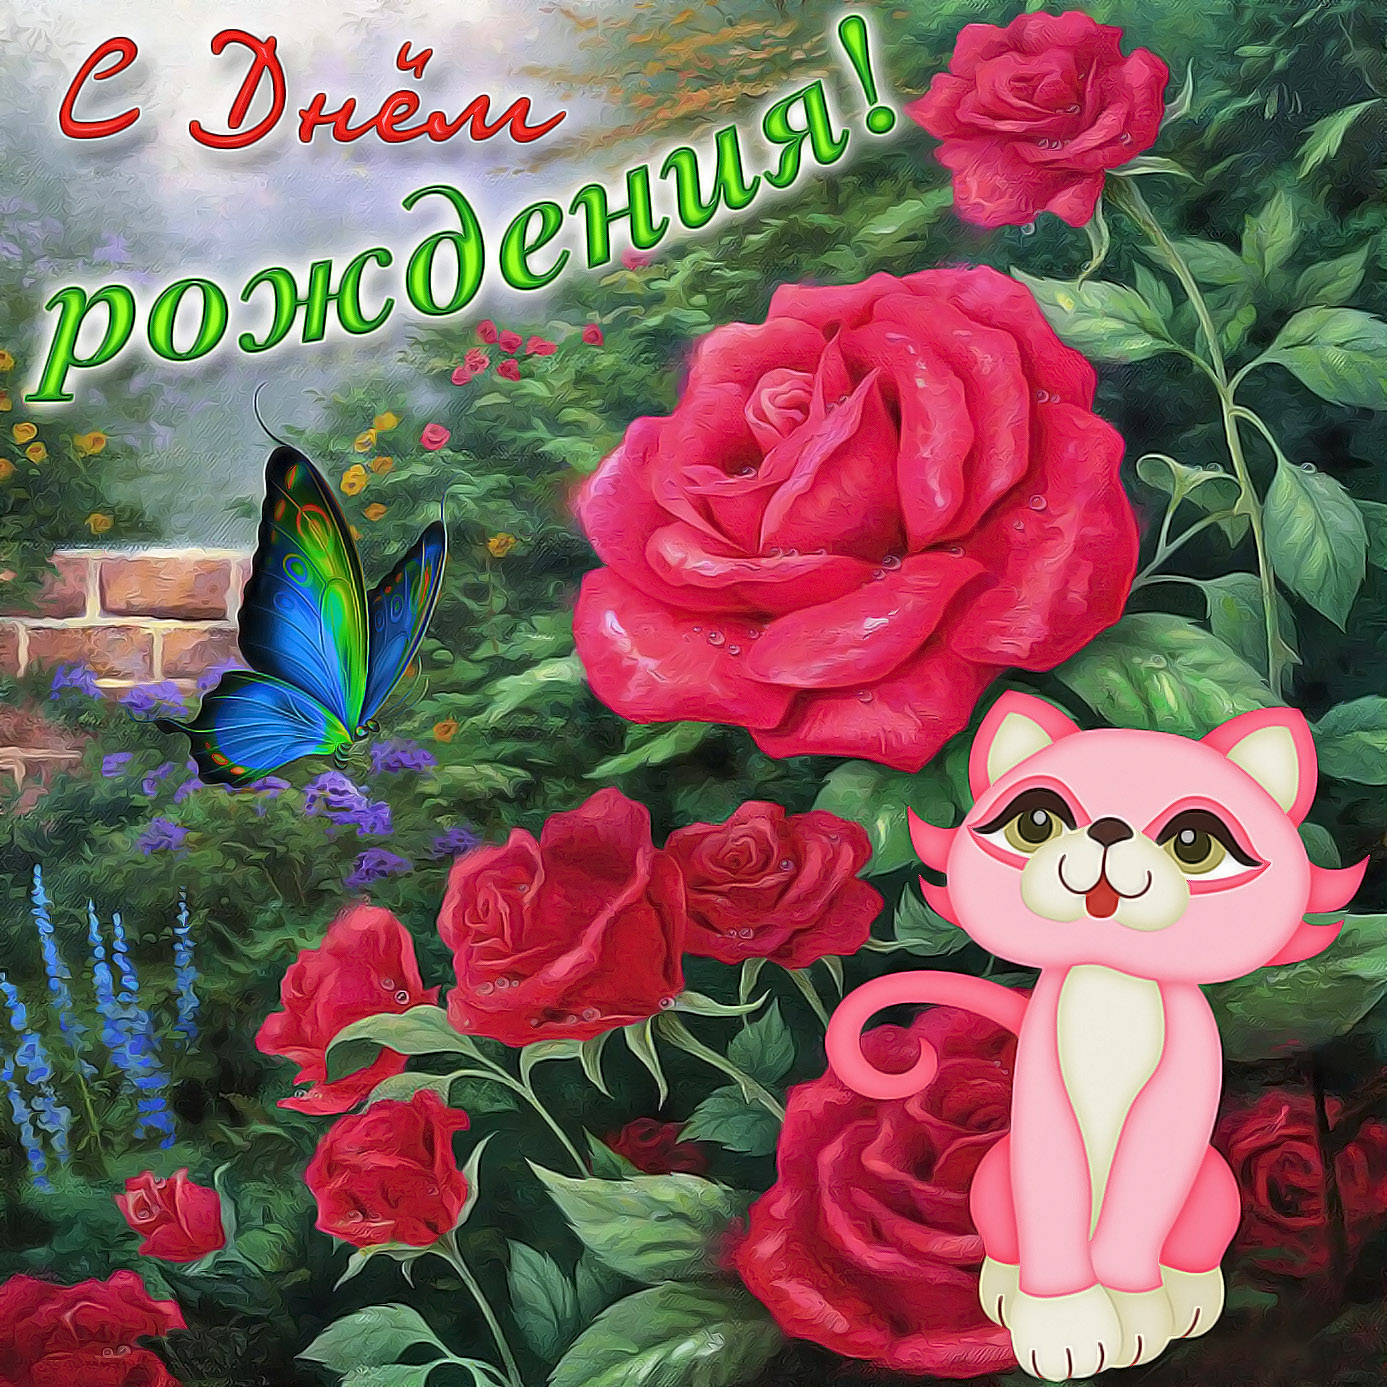 Картинка с кошечкой на фоне красных роз